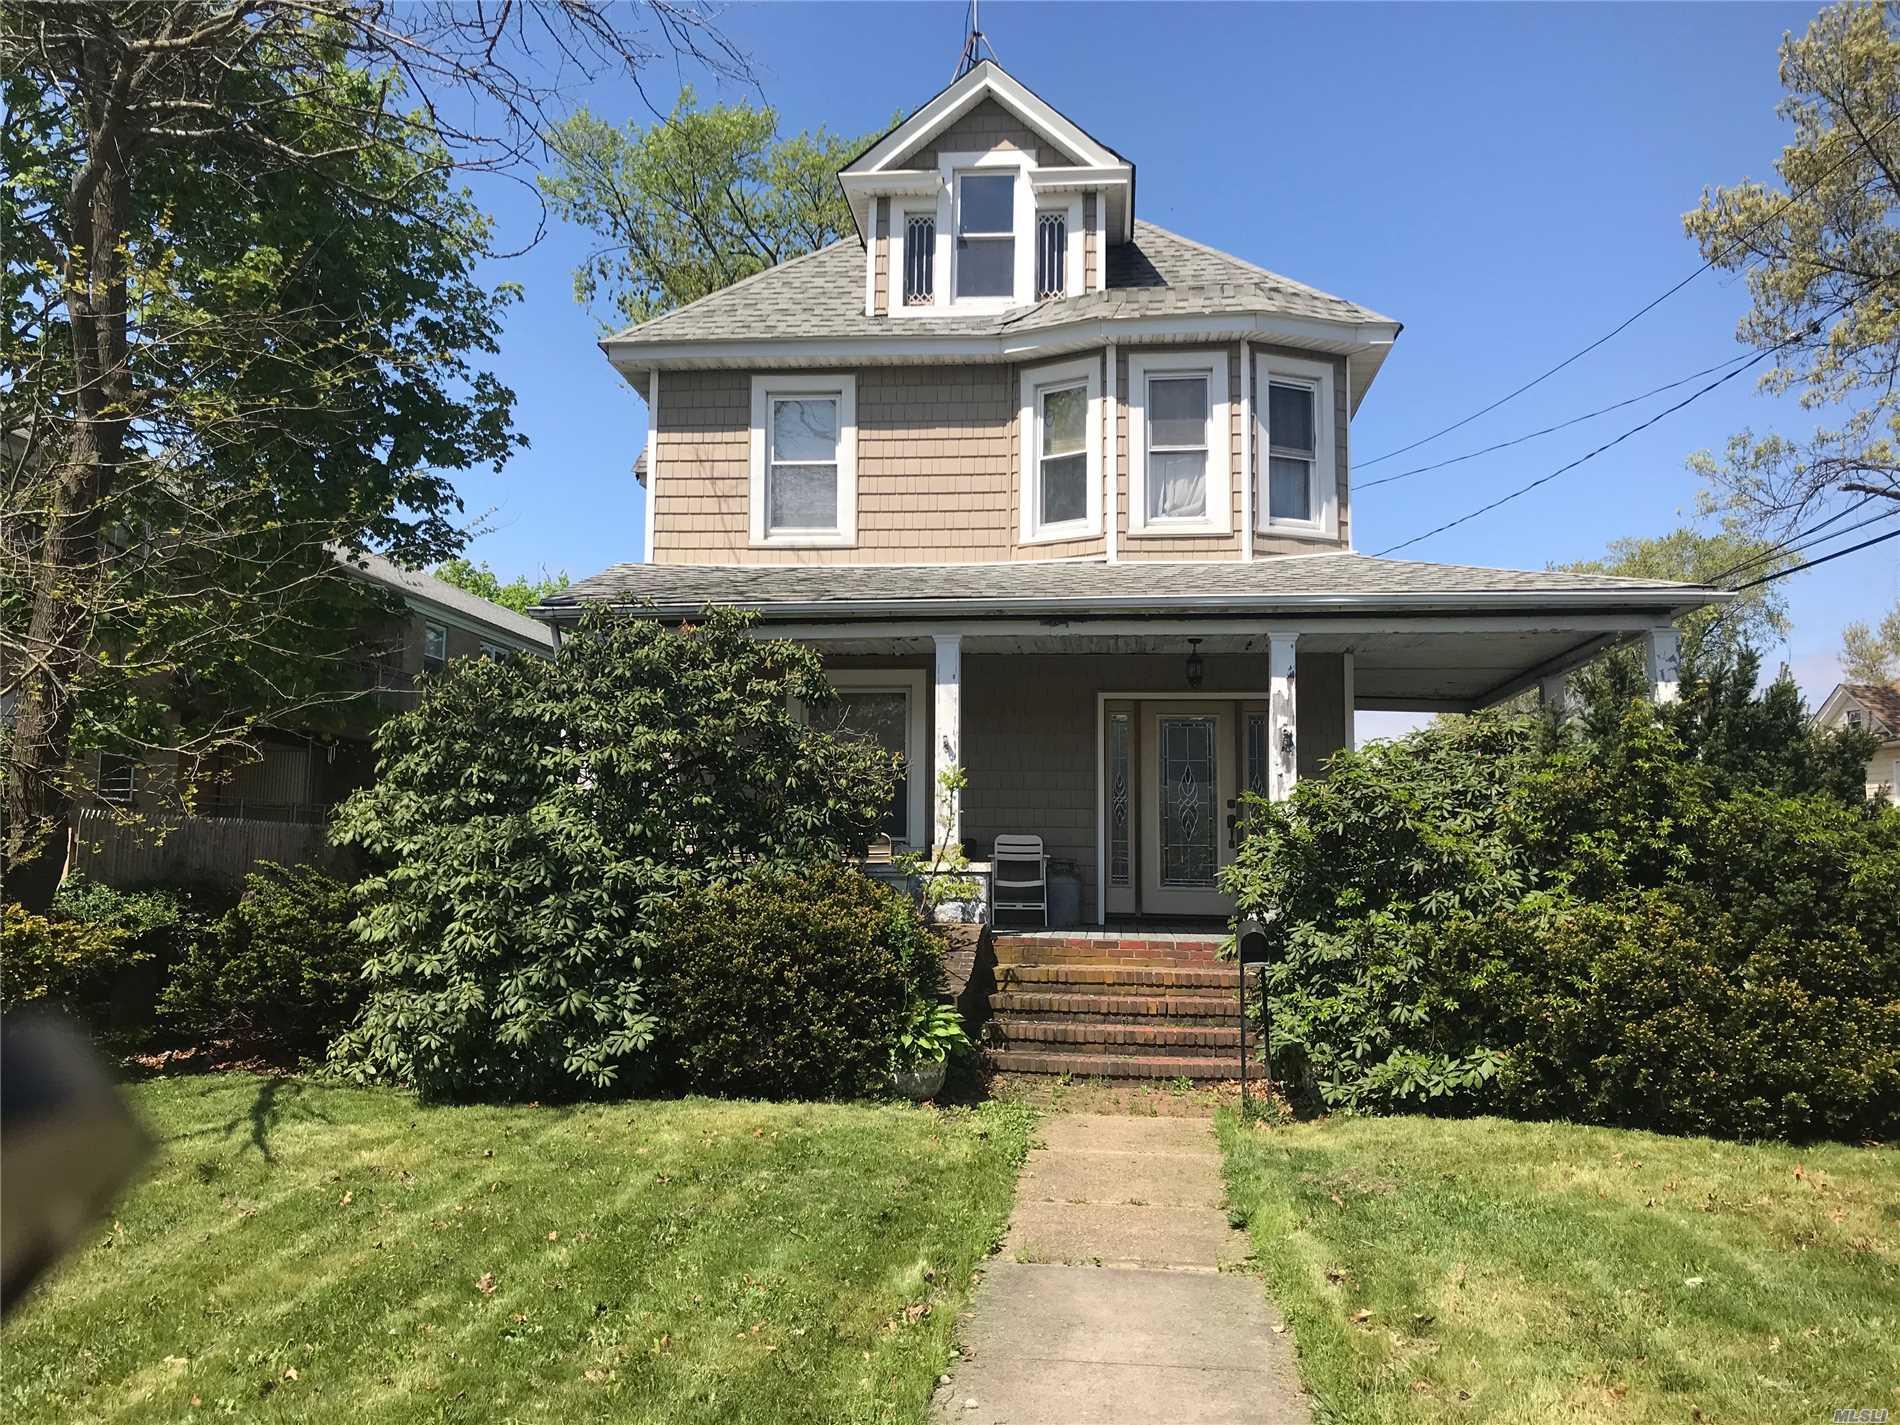 175 Hempstead Ave - Lynbrook, New York